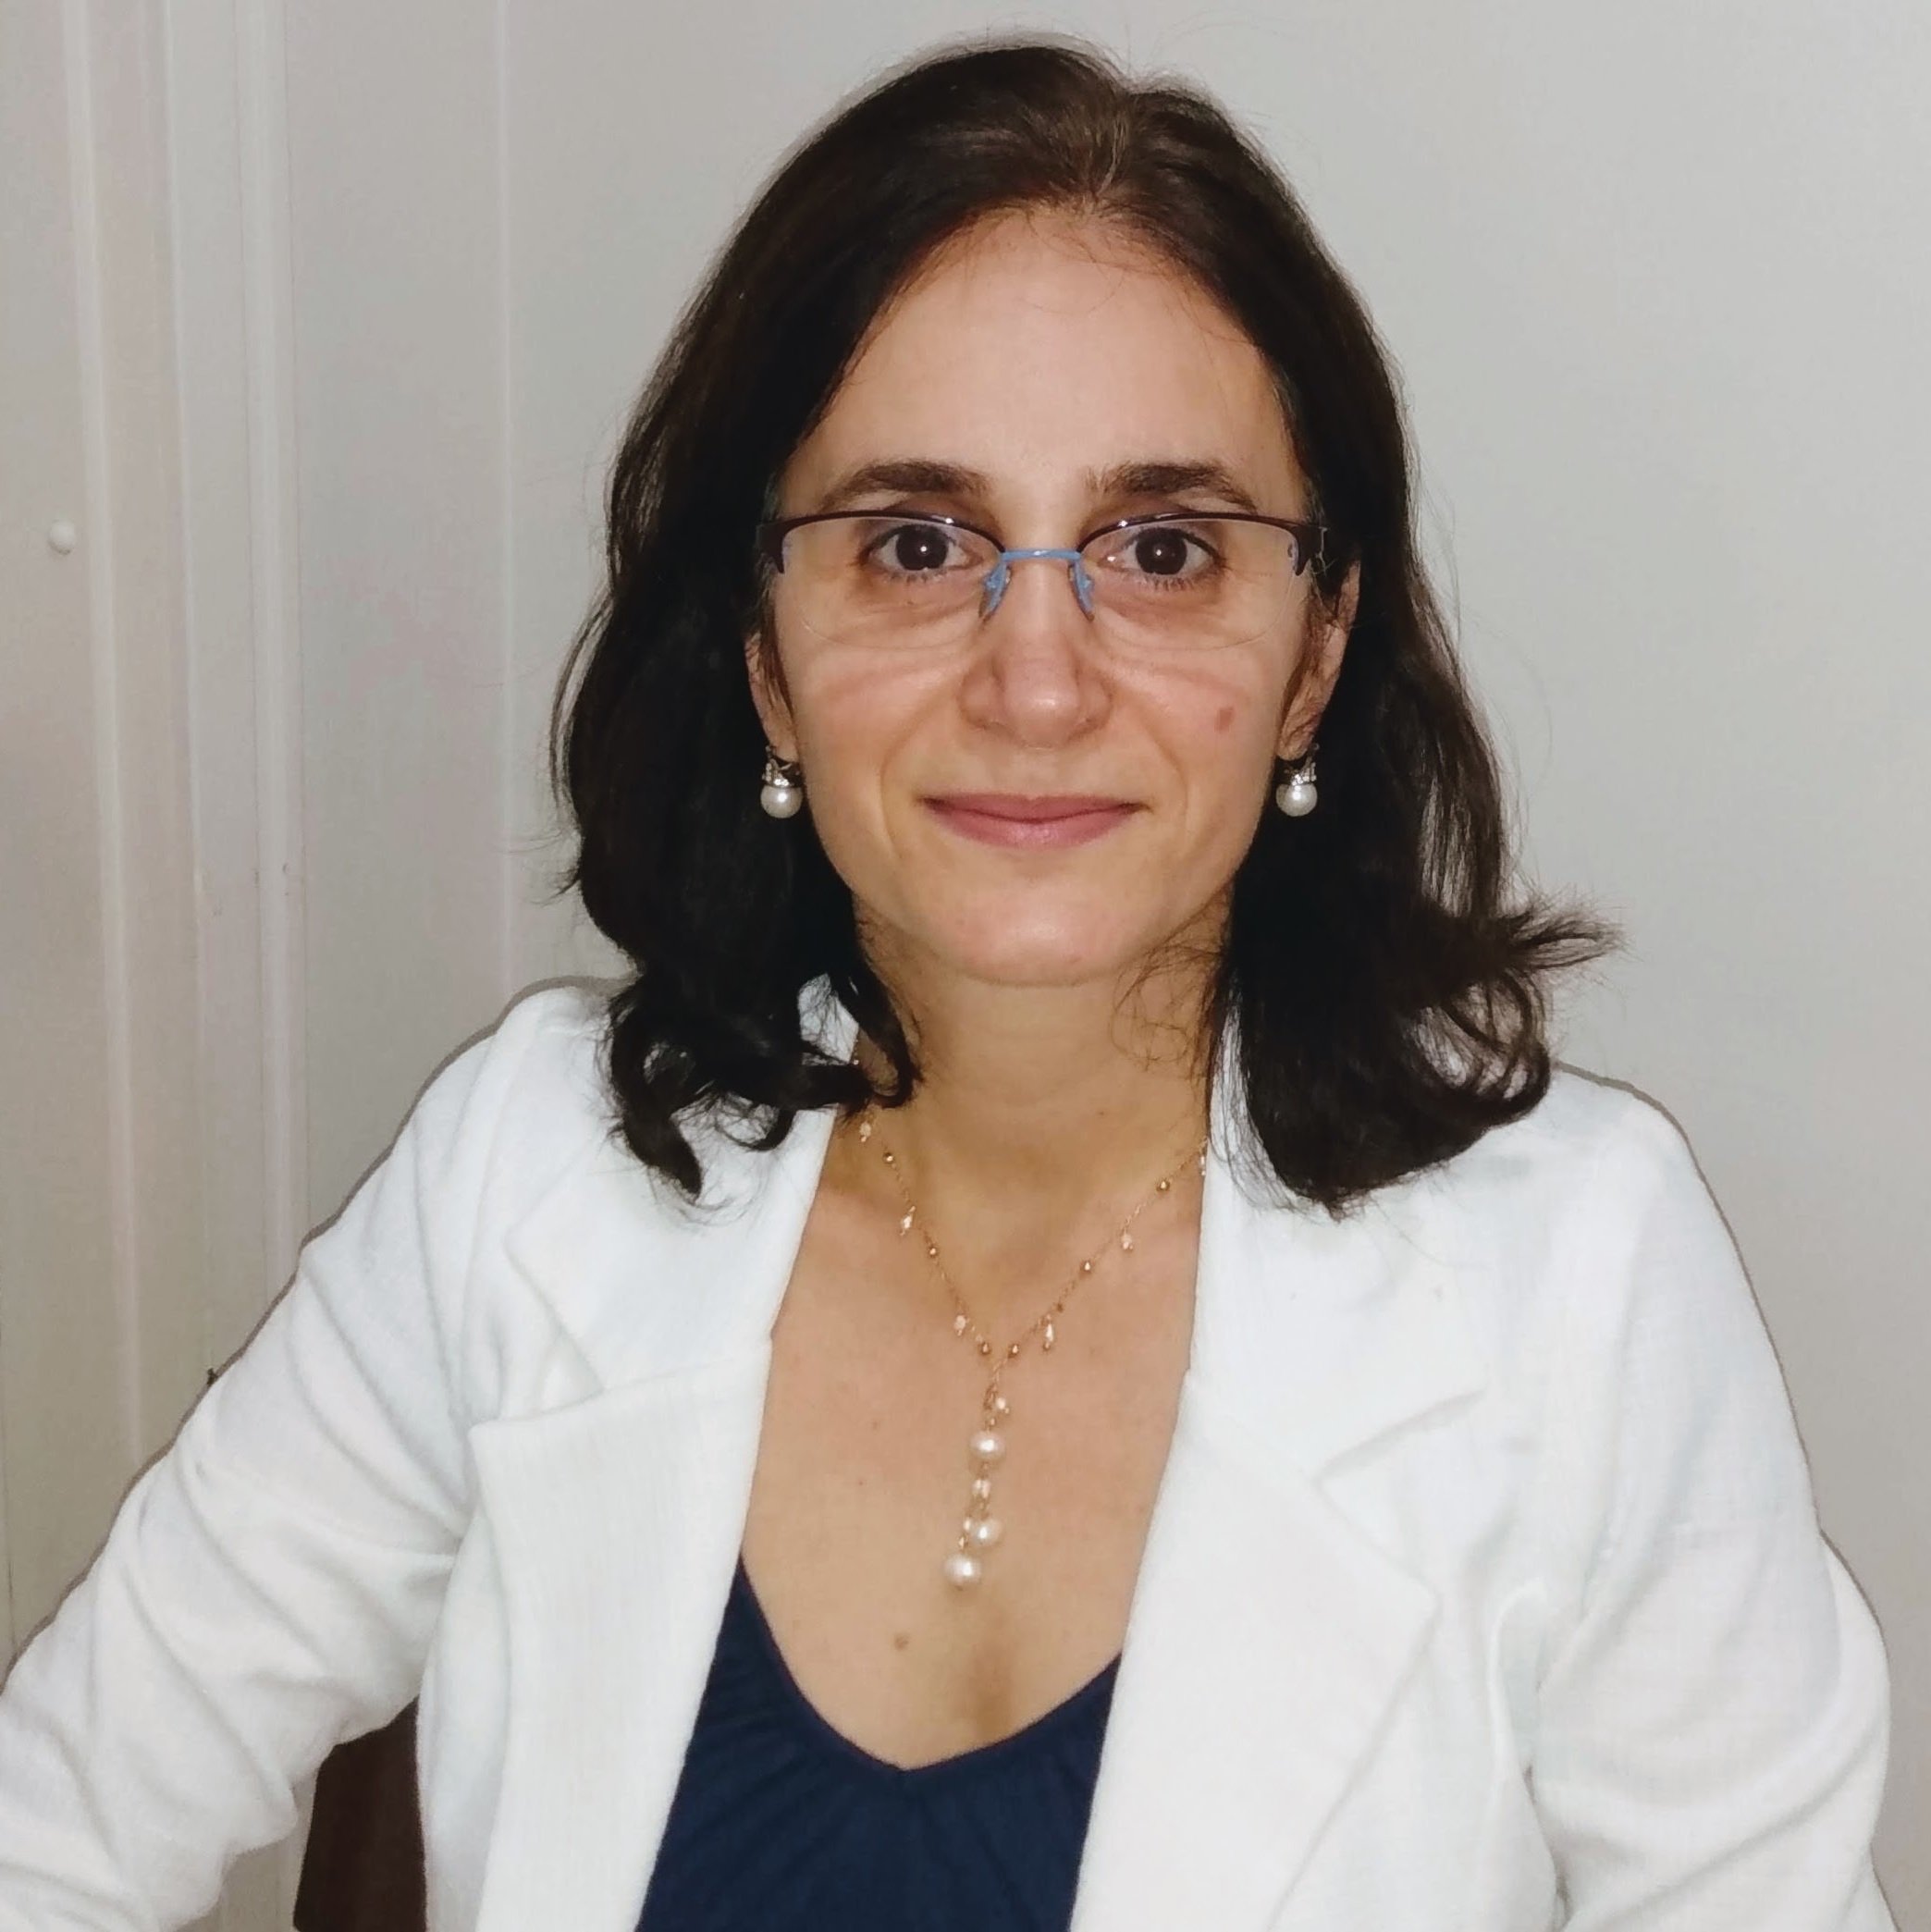 Renata Pullig Lucio